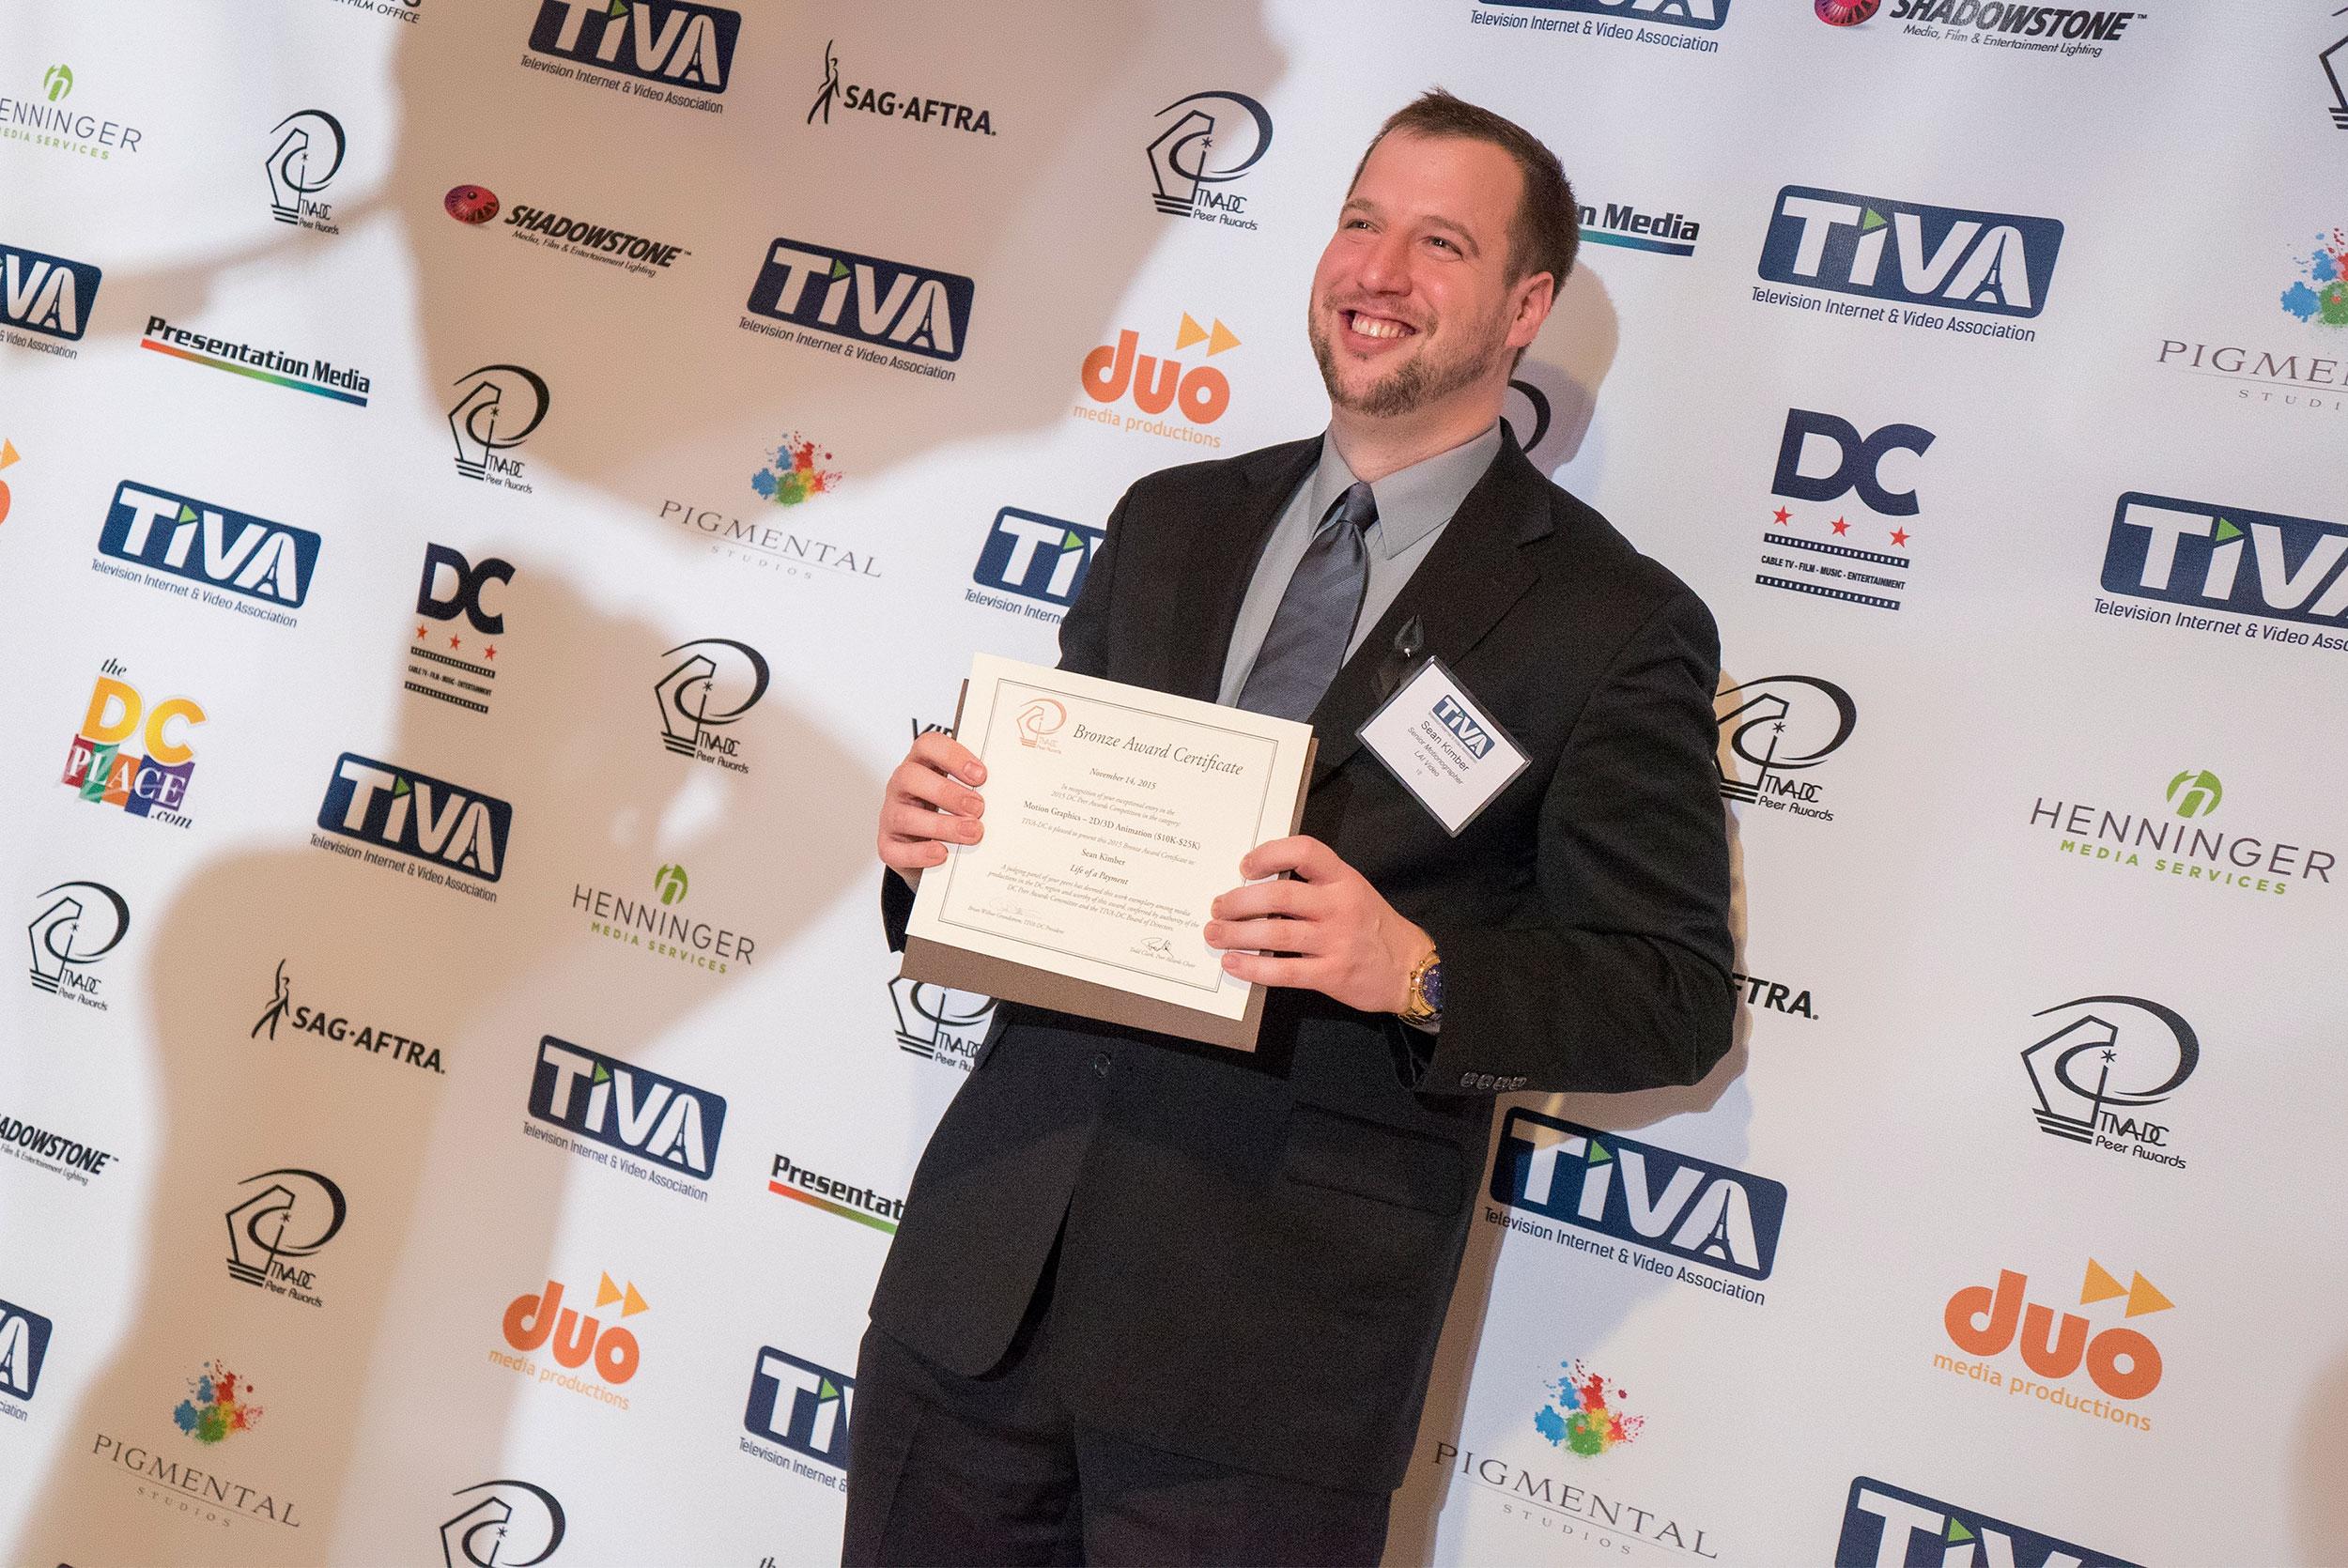 Blog-2015-TIVA-Peer-Awards-31.jpg